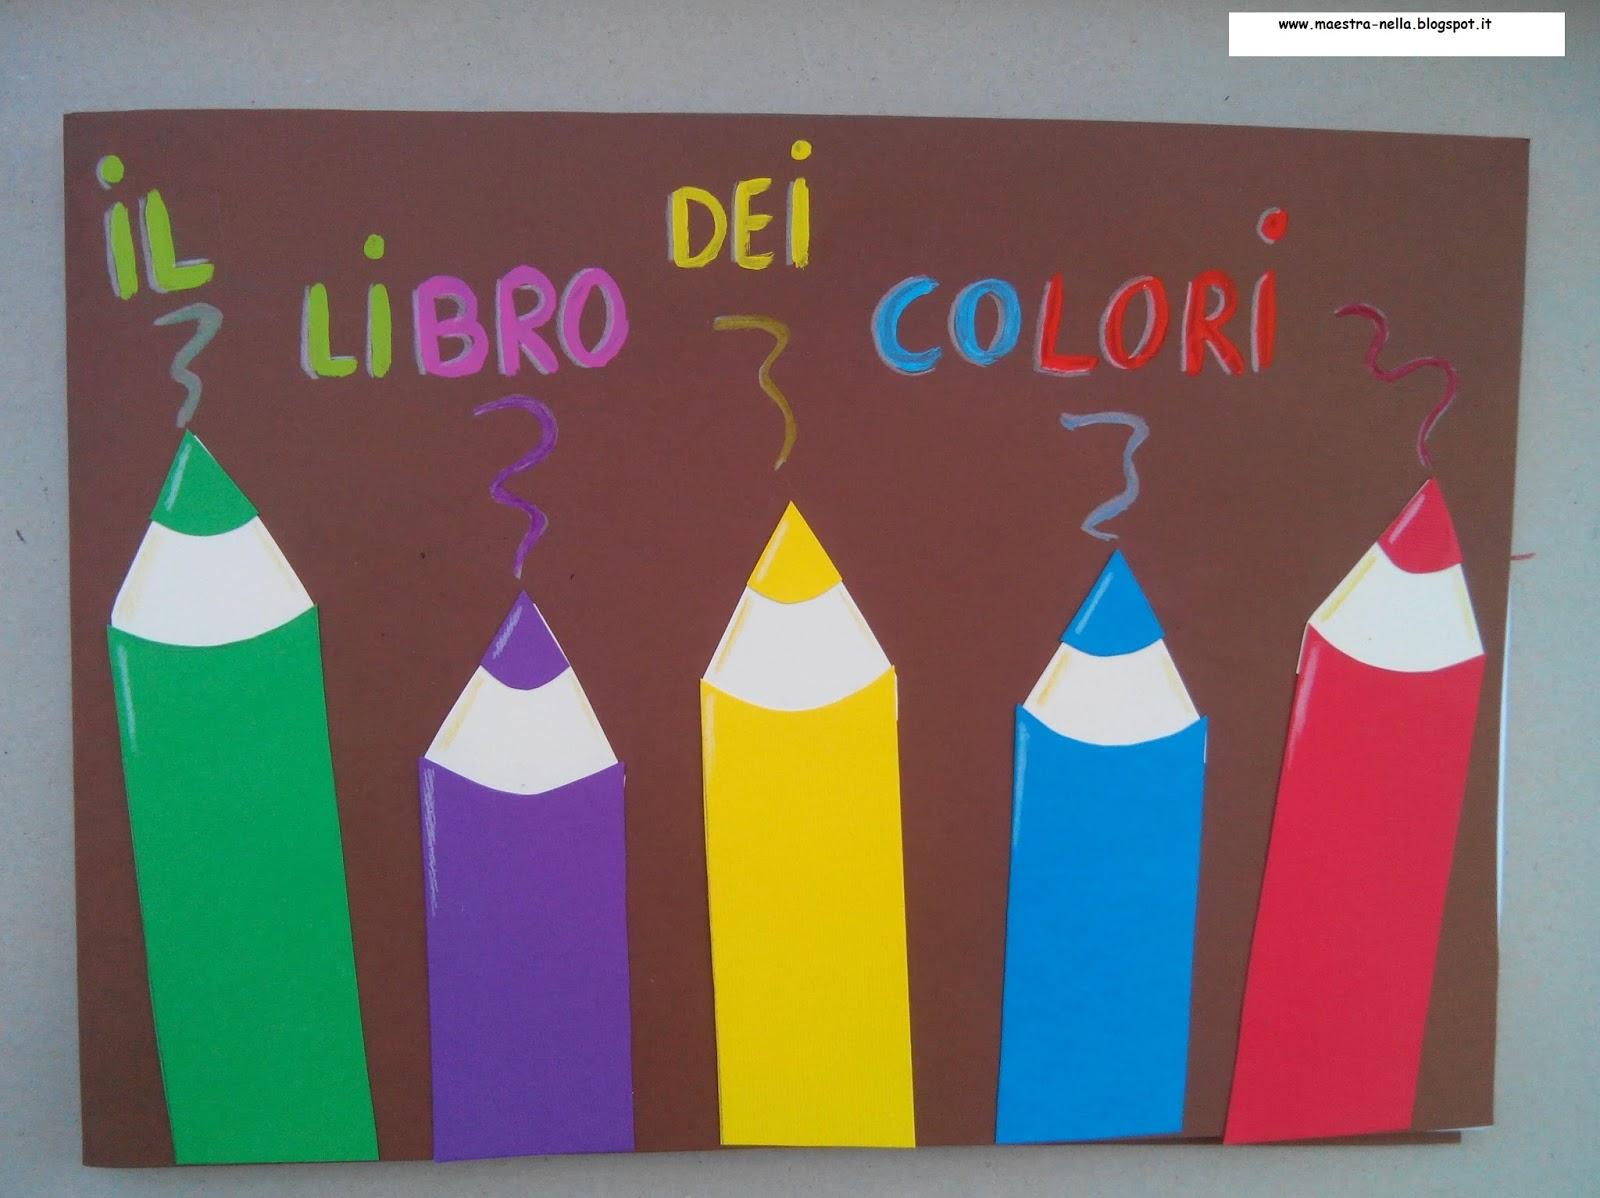 Préférence maestra Nella: il libro dei colori US56